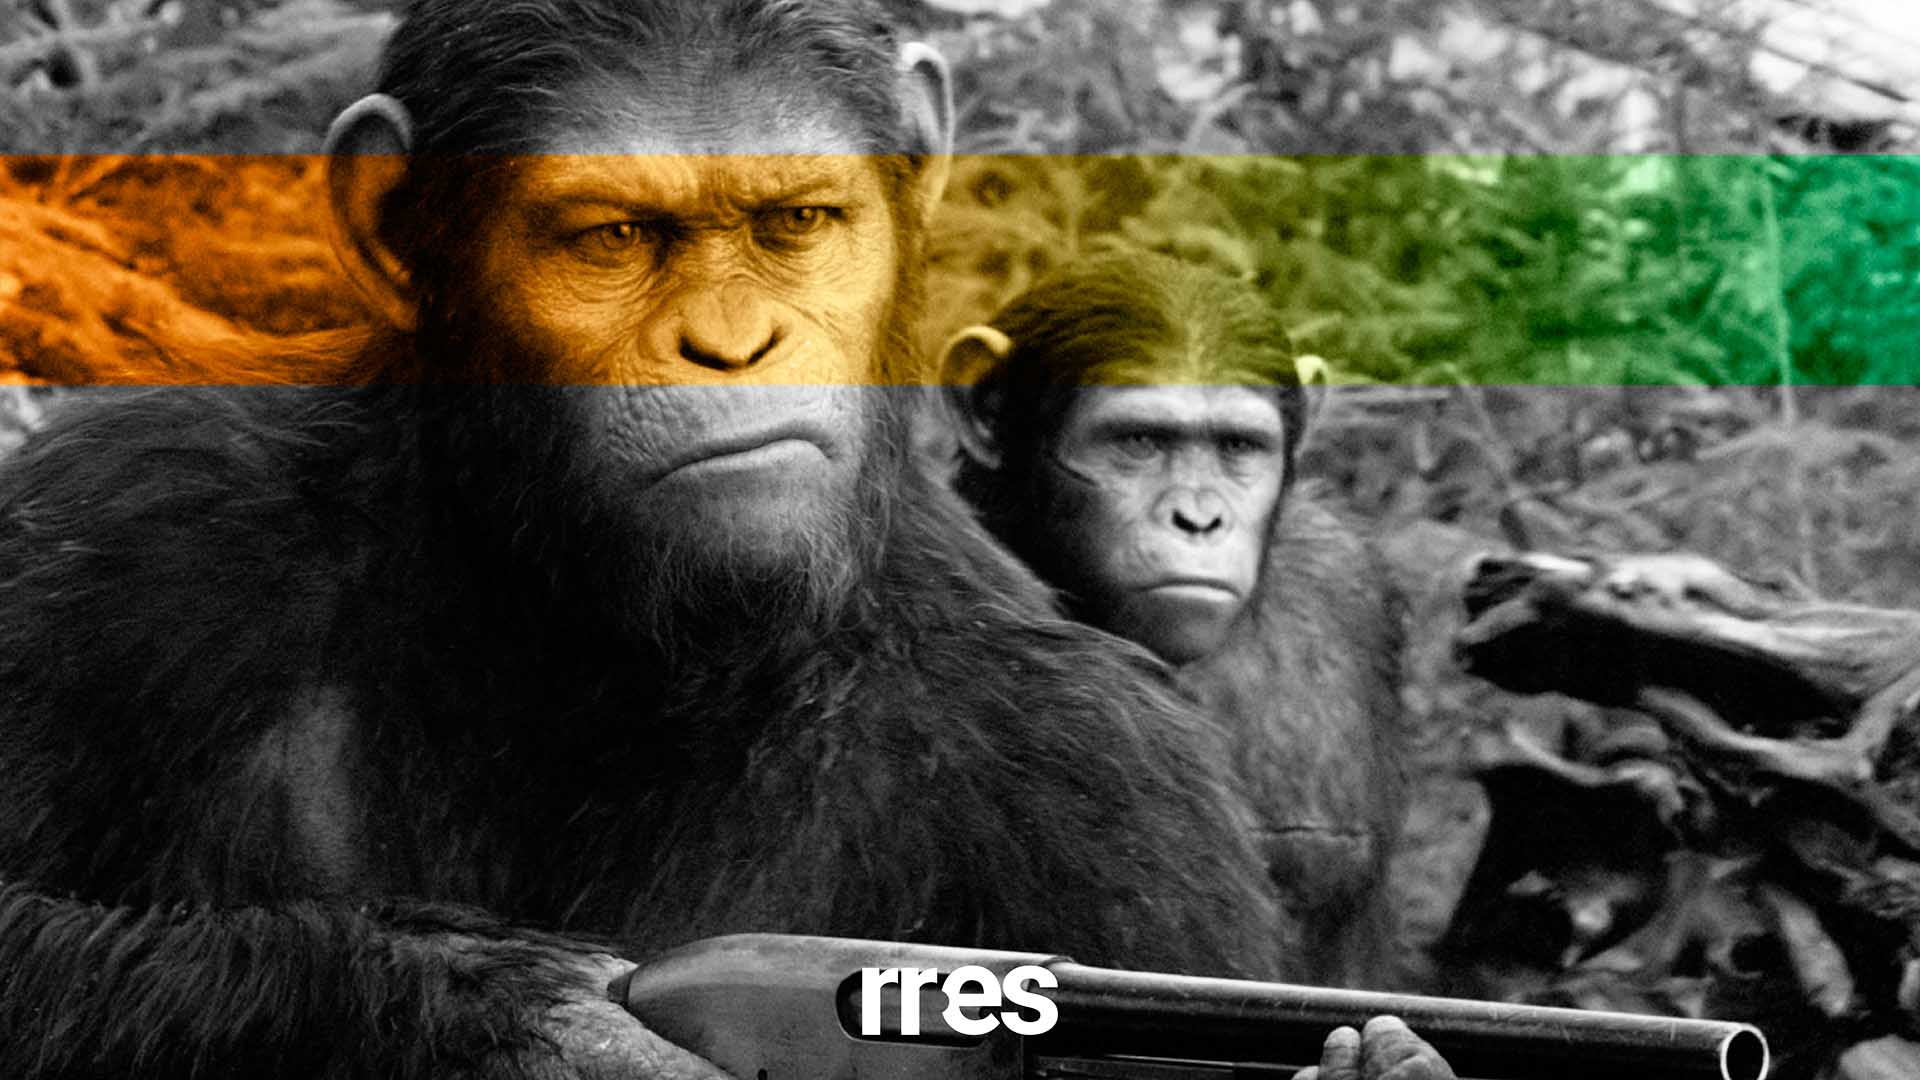 La rebelión de los monos, por Laureano Márquez P.